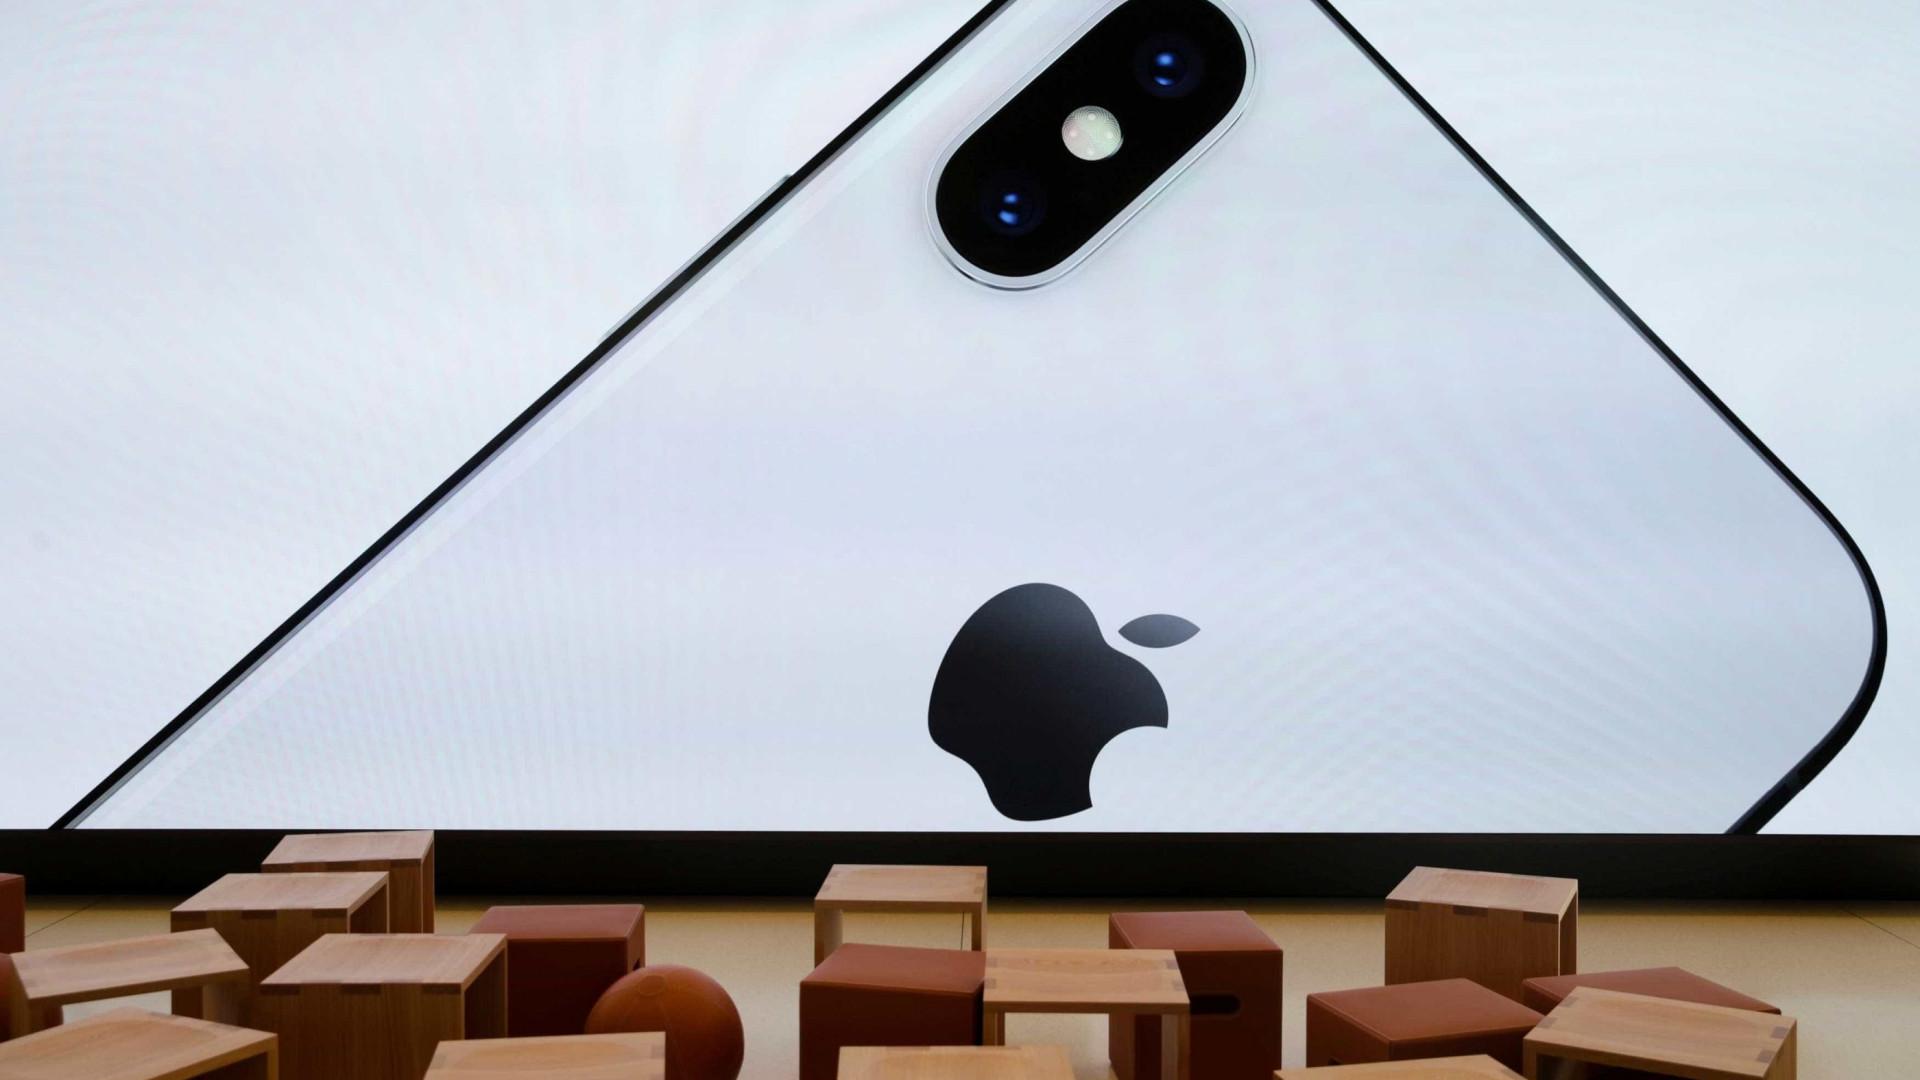 Entusiasmo inicial não garante 'supremacia' do iPhone X